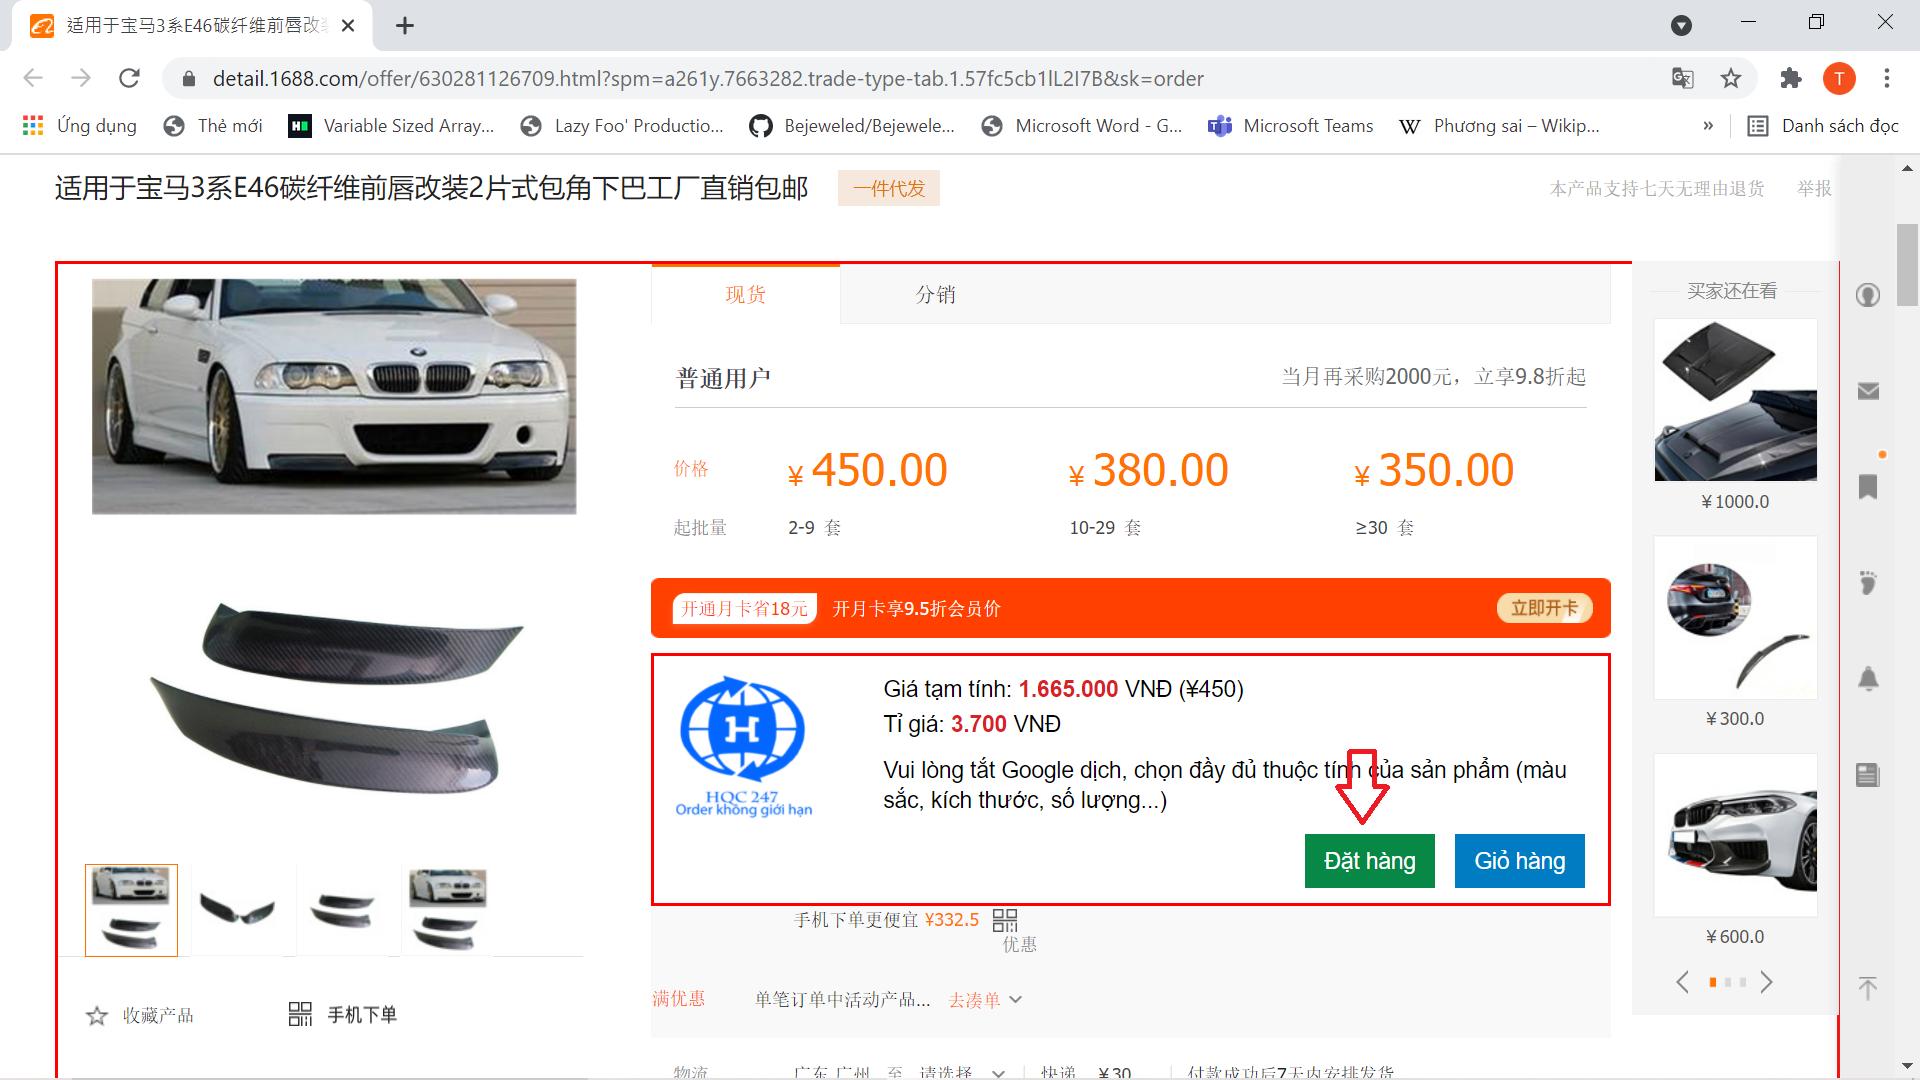 Cách nhập phụ tùng ô tô giá rẻ